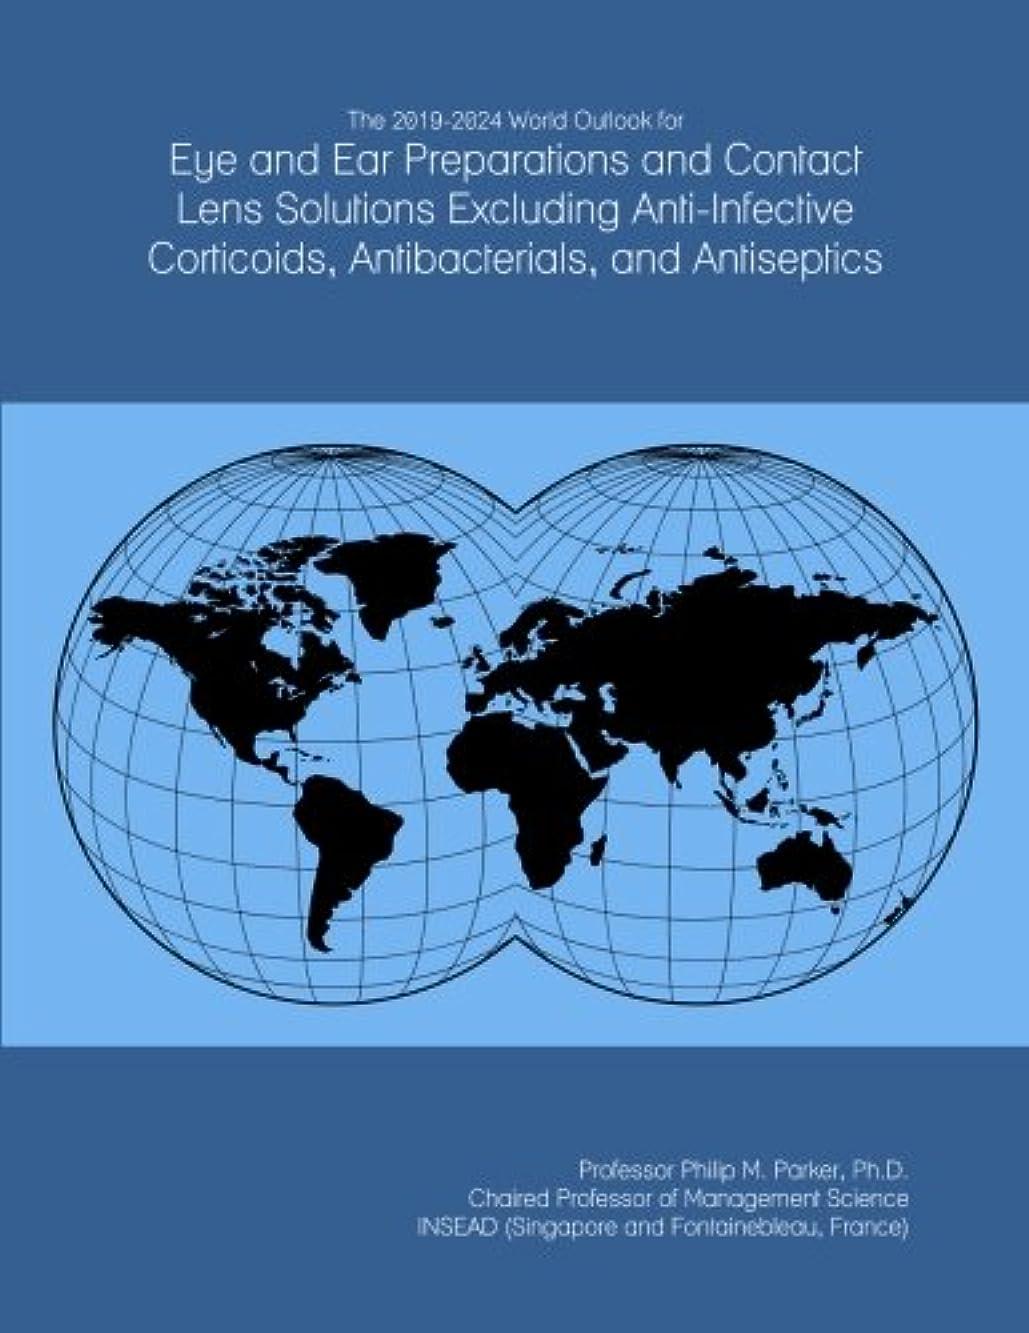 増幅器散歩付添人The 2019-2024 World Outlook for Eye and Ear Preparations and Contact Lens Solutions Excluding Anti-Infective Corticoids, Antibacterials, and Antiseptics